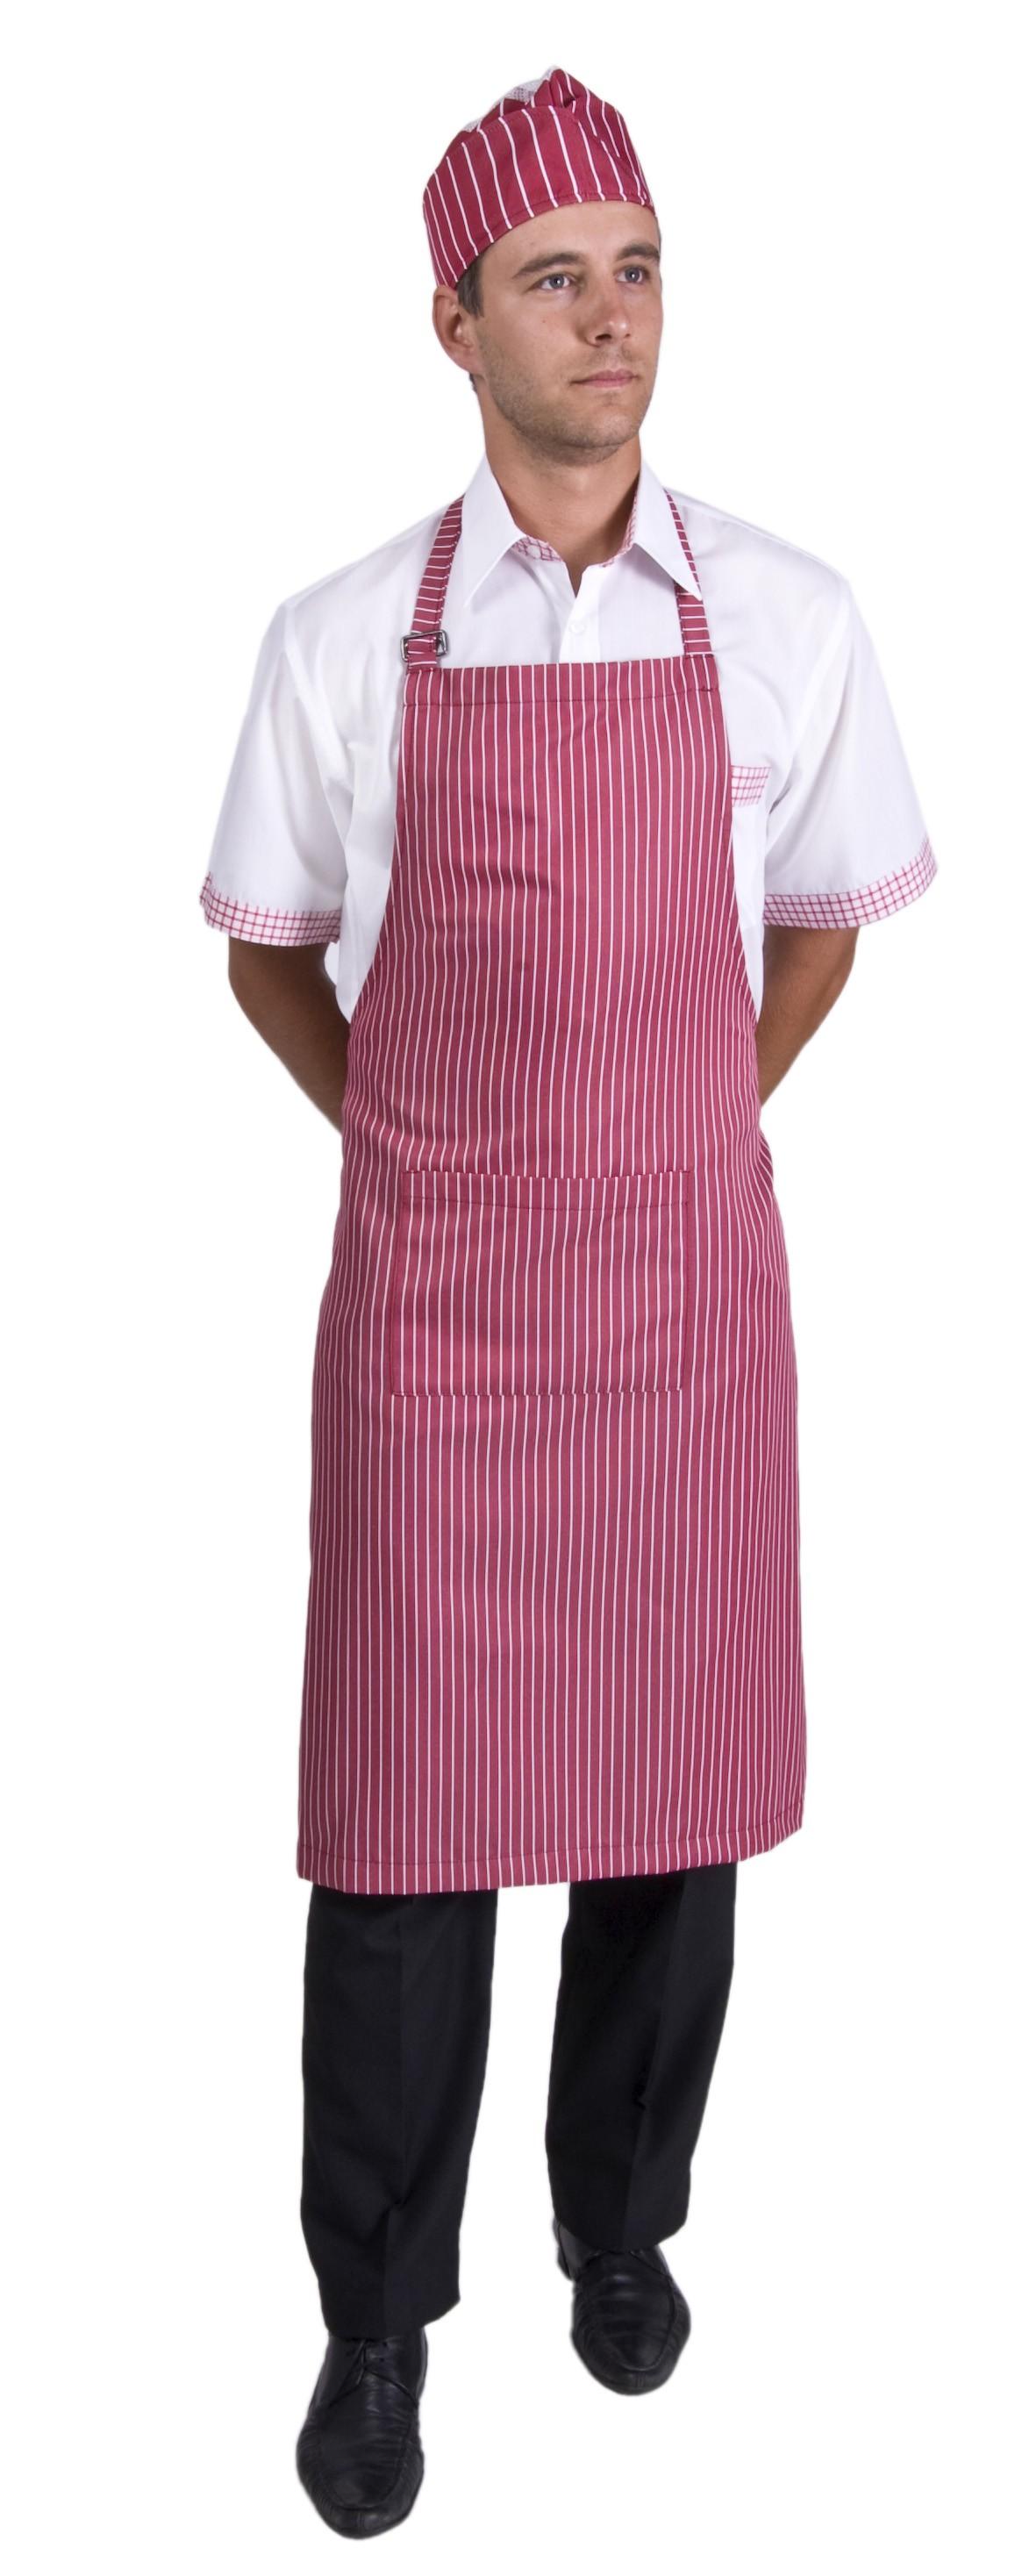 Avental  de cozinha